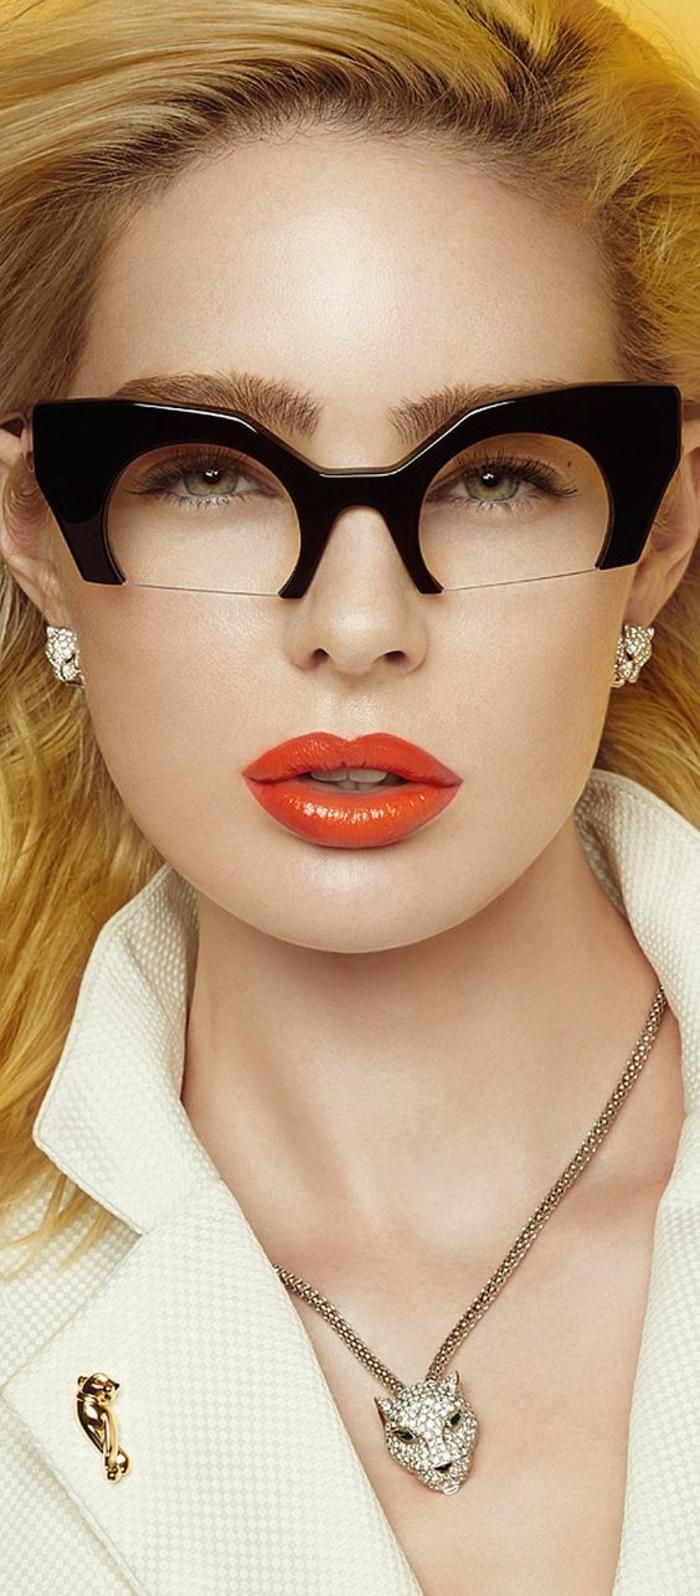 lunettes-vue-femme-demi-verres-semi-transparence-et-partie-supérieure-en-noir